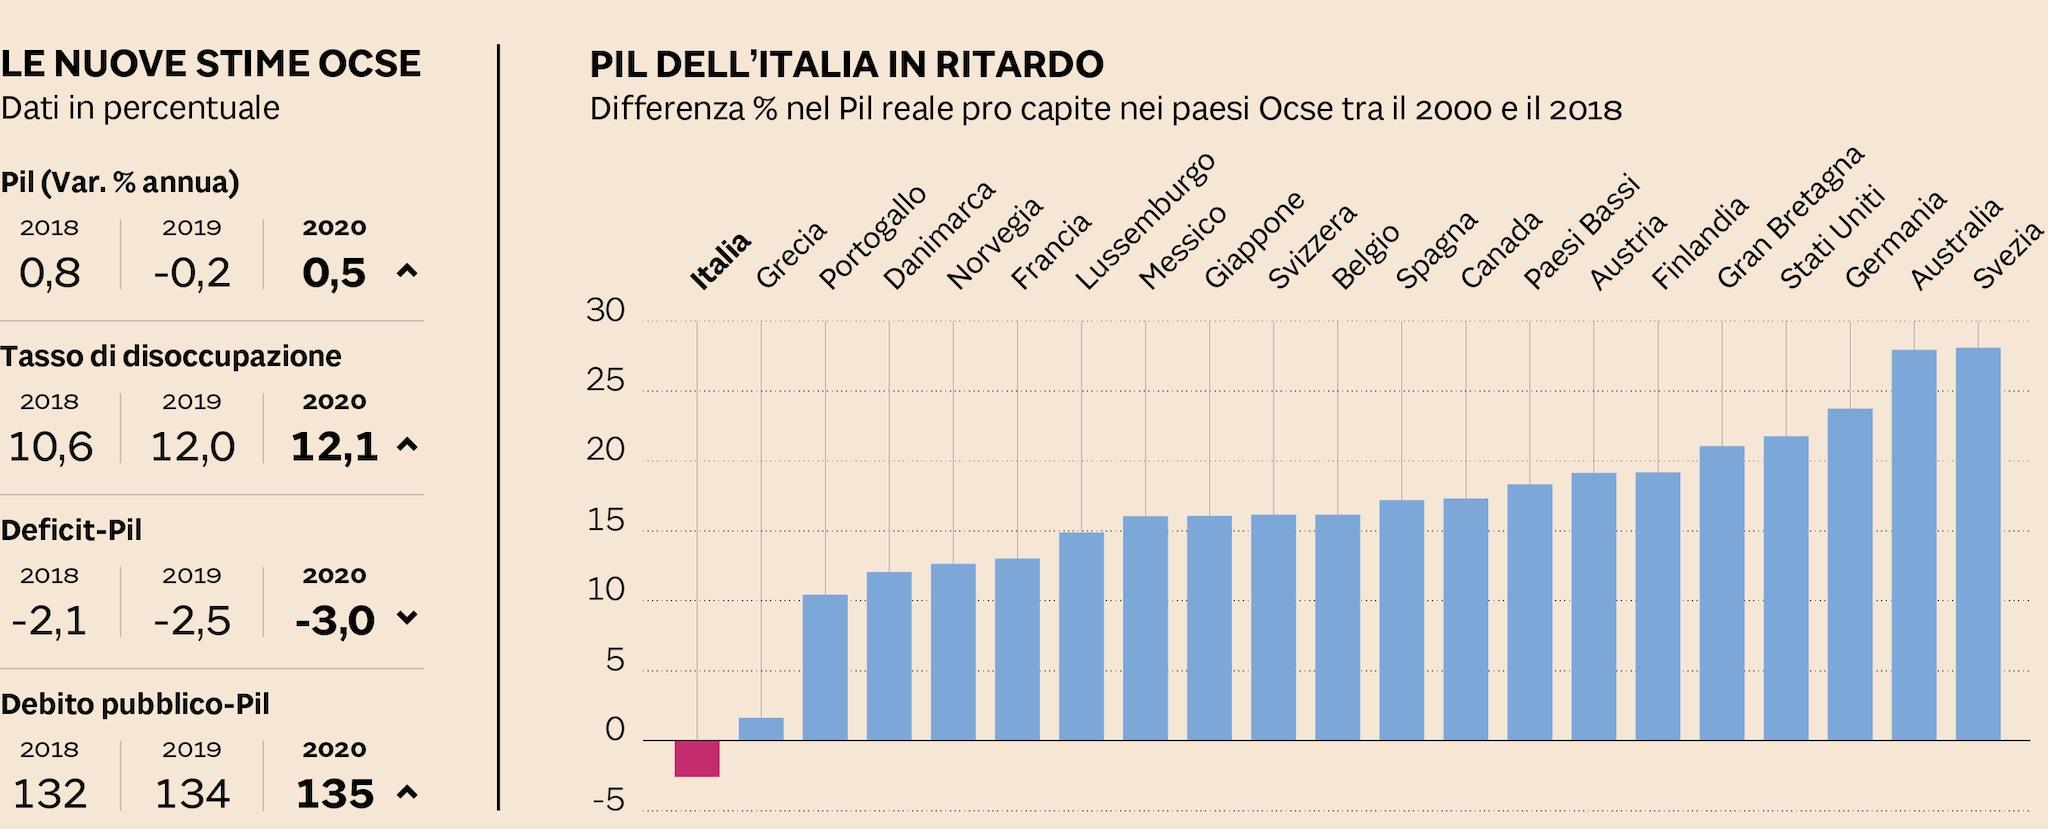 TRA PIL E CONTI PUBBLICI, LA FOTOGRAFIA DELL'ITALIA